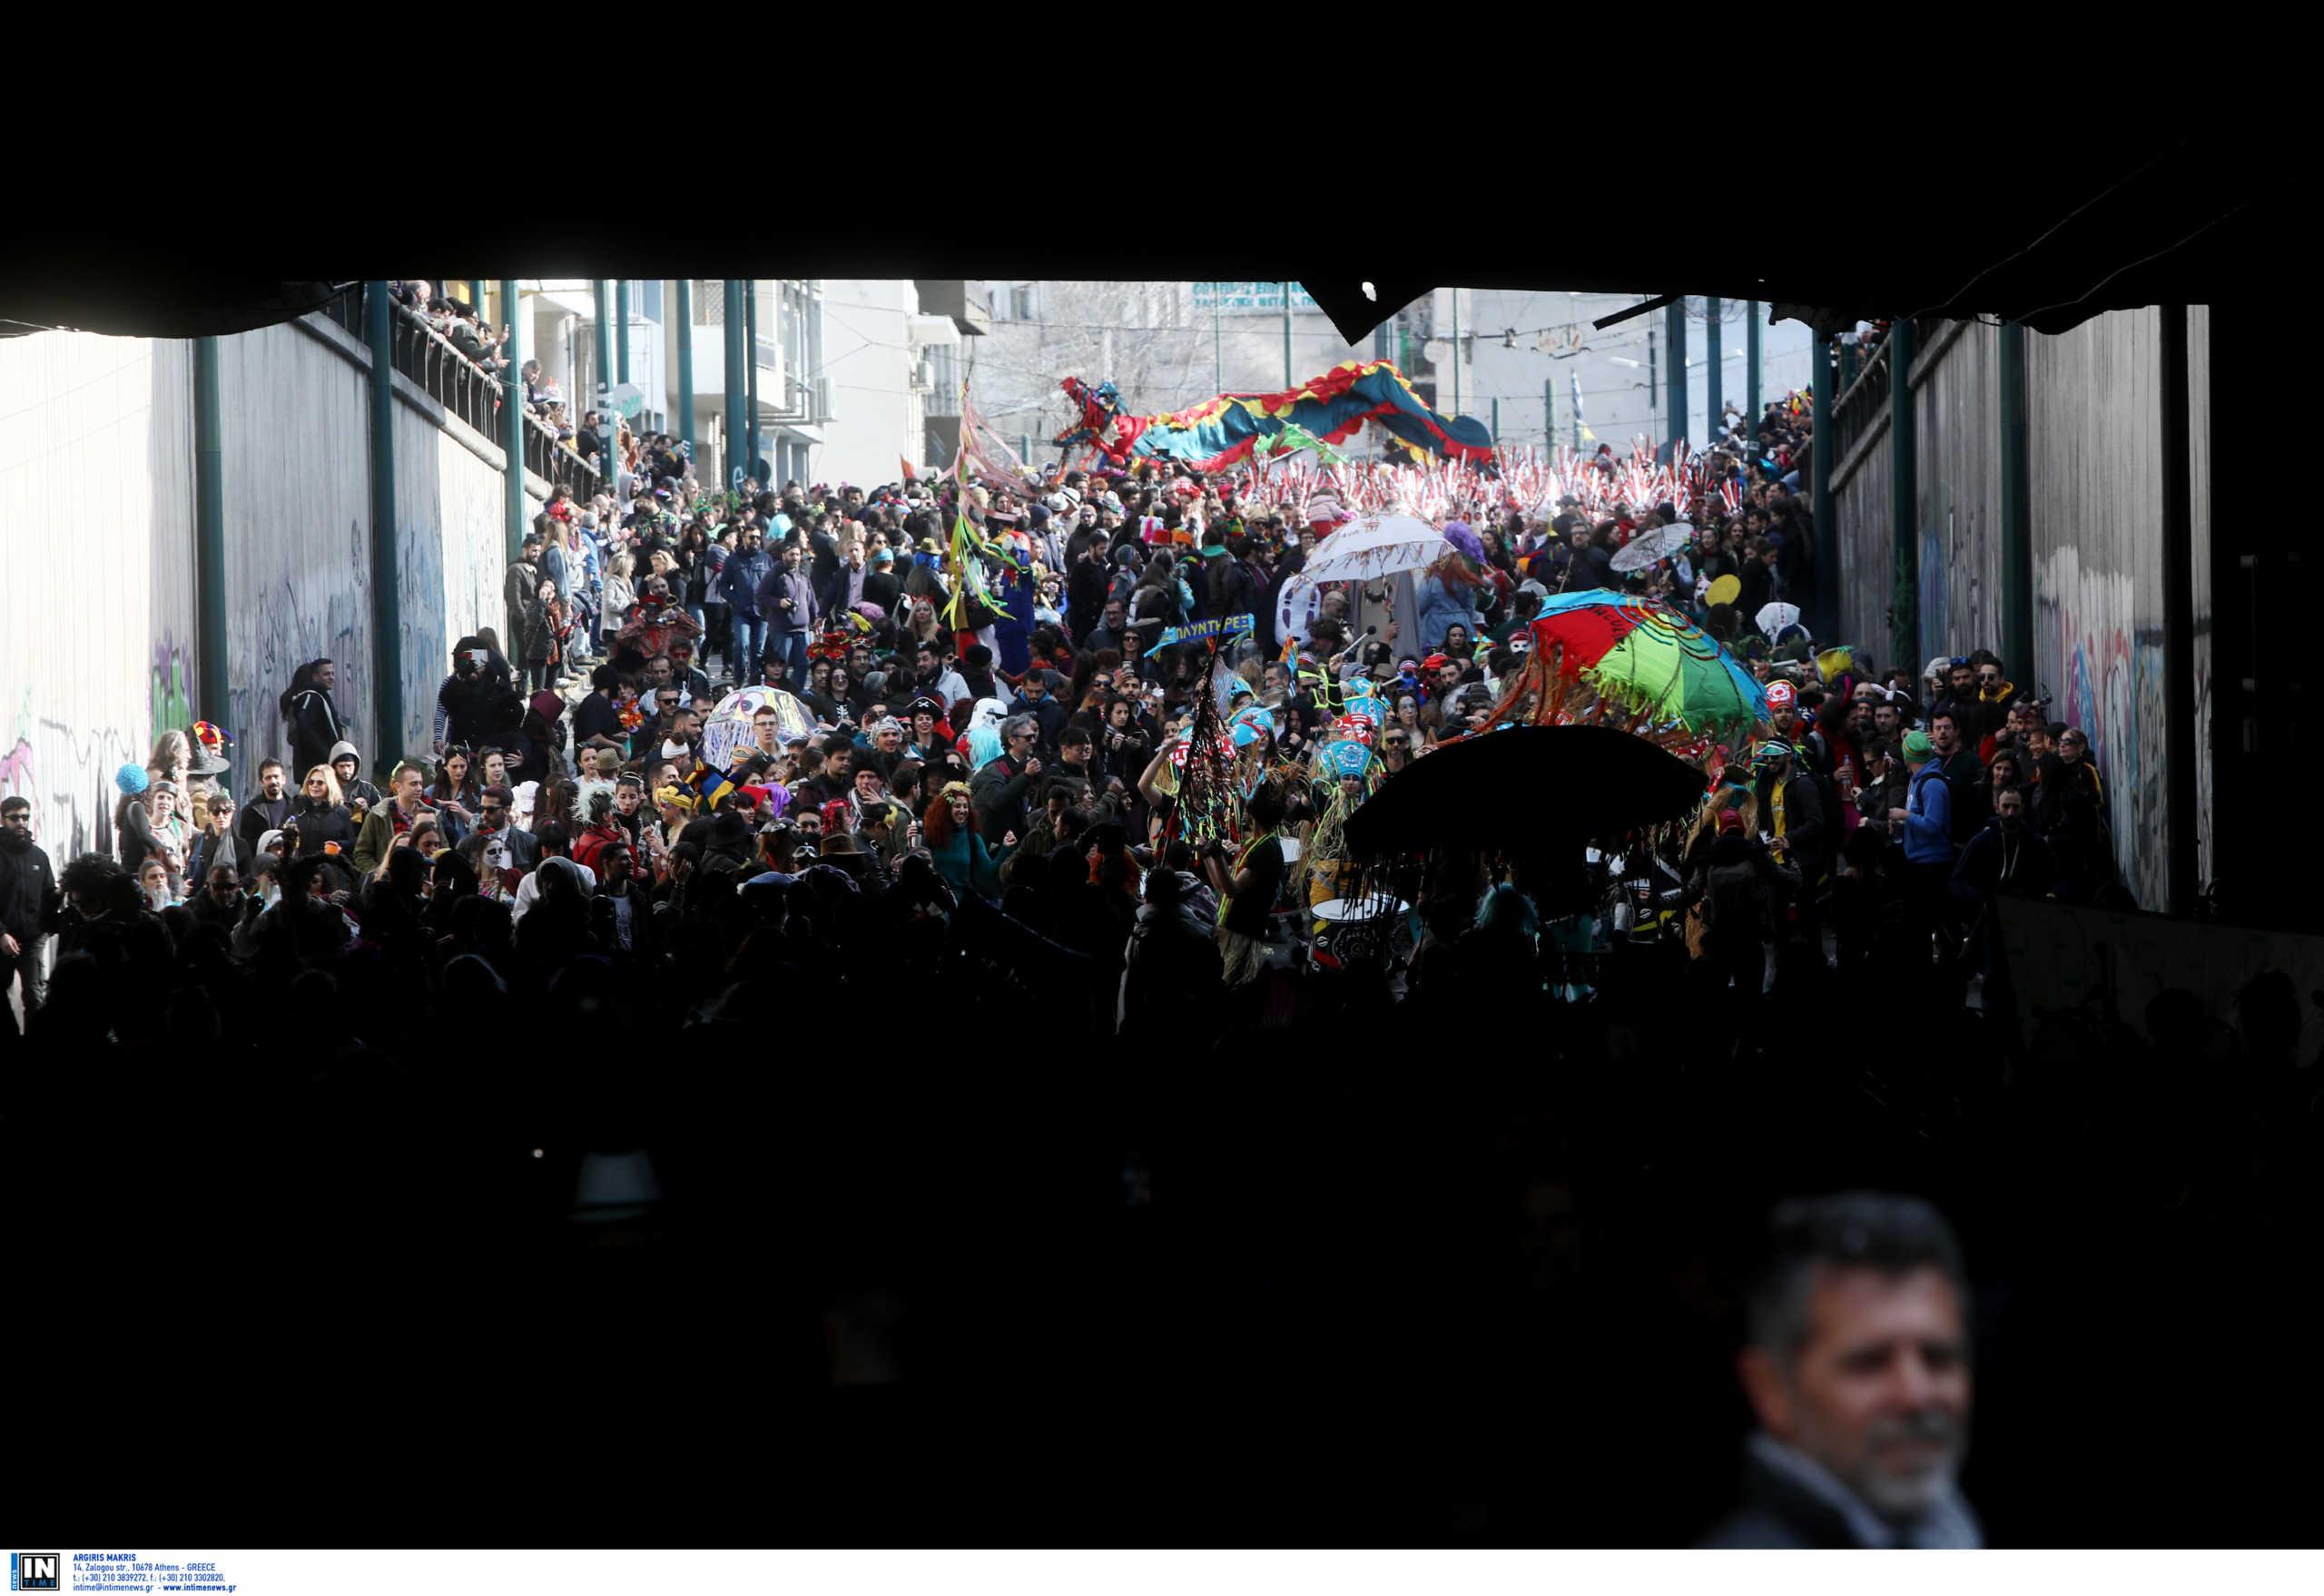 Κορονοϊός: Ακυρώνονται στην Αθήνα όλες οι εκδηλώσεις για το καρναβάλι